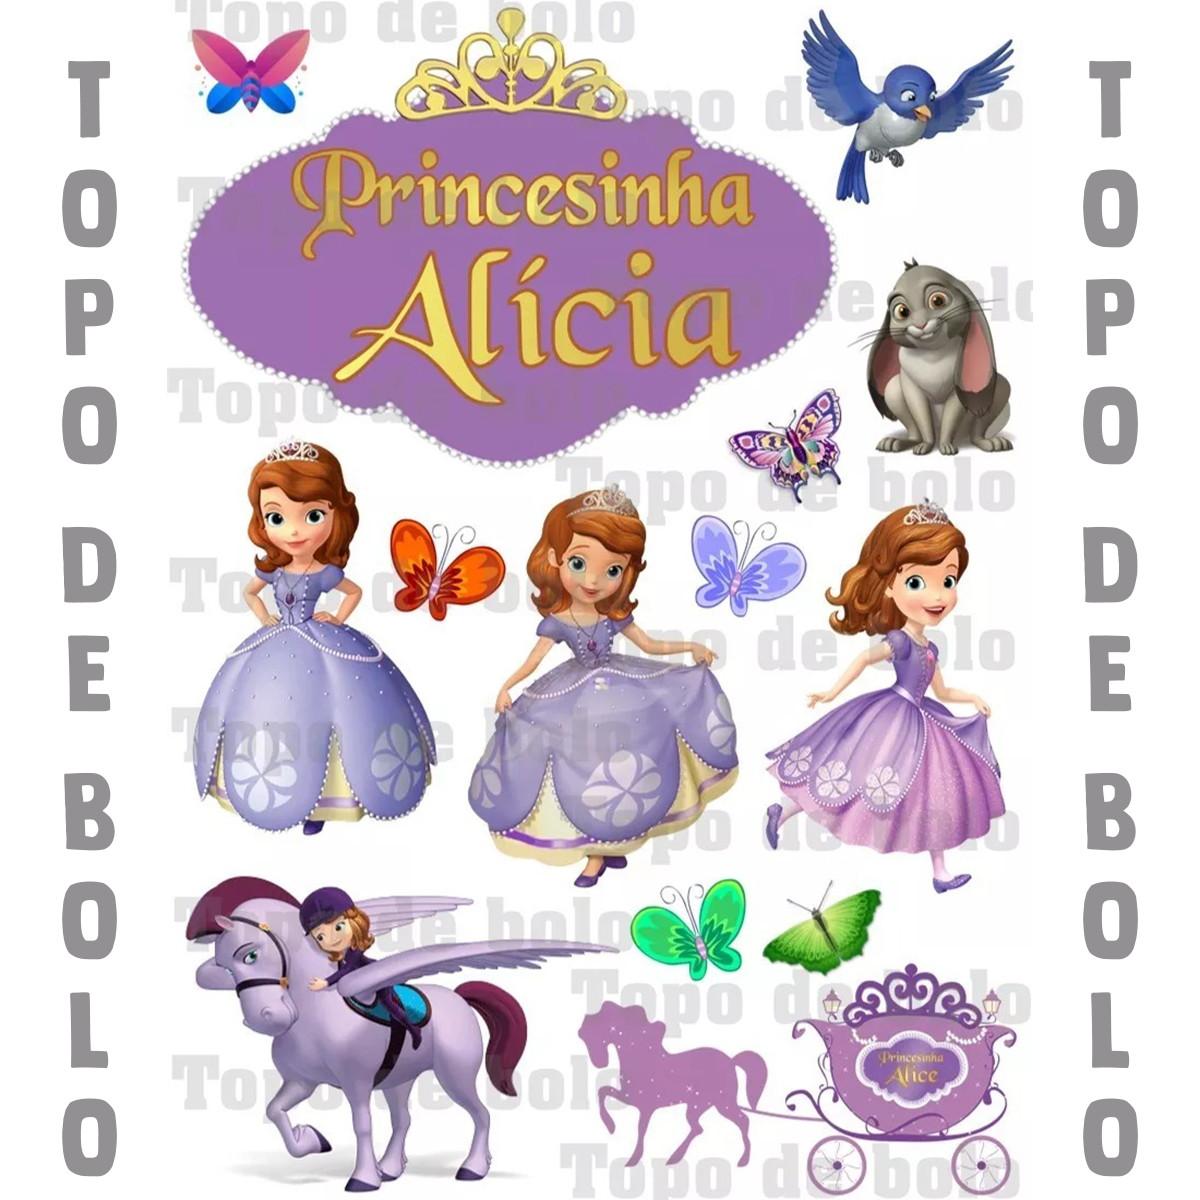 Topo De Bolo Digital Princesinha Sofia Para Imprimir No Elo7